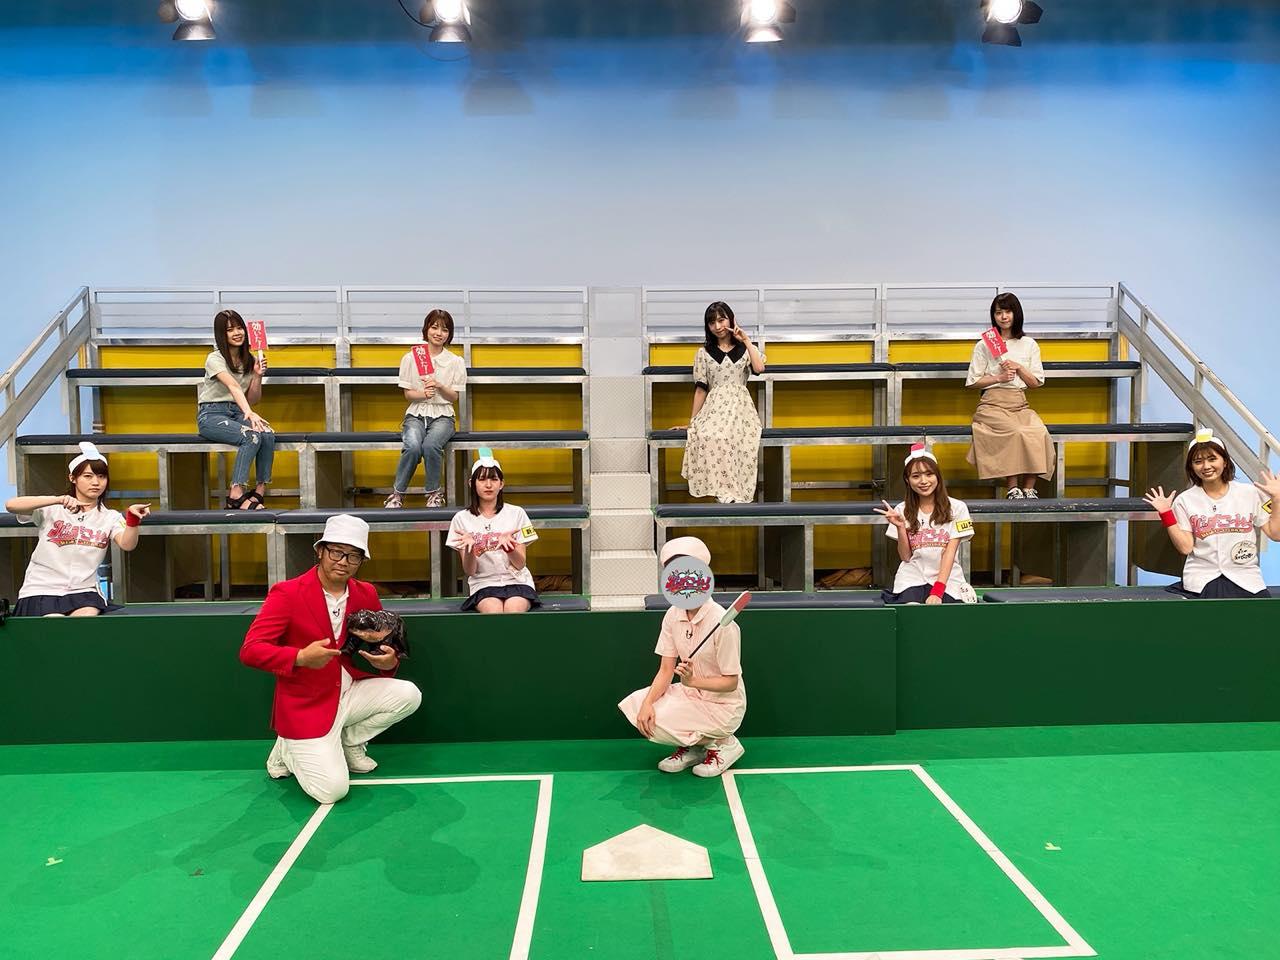 「AKB48チーム8のKANTO白書 バッチこーい!」#73:バッチバチ!お久しぶりのファン観覧企画